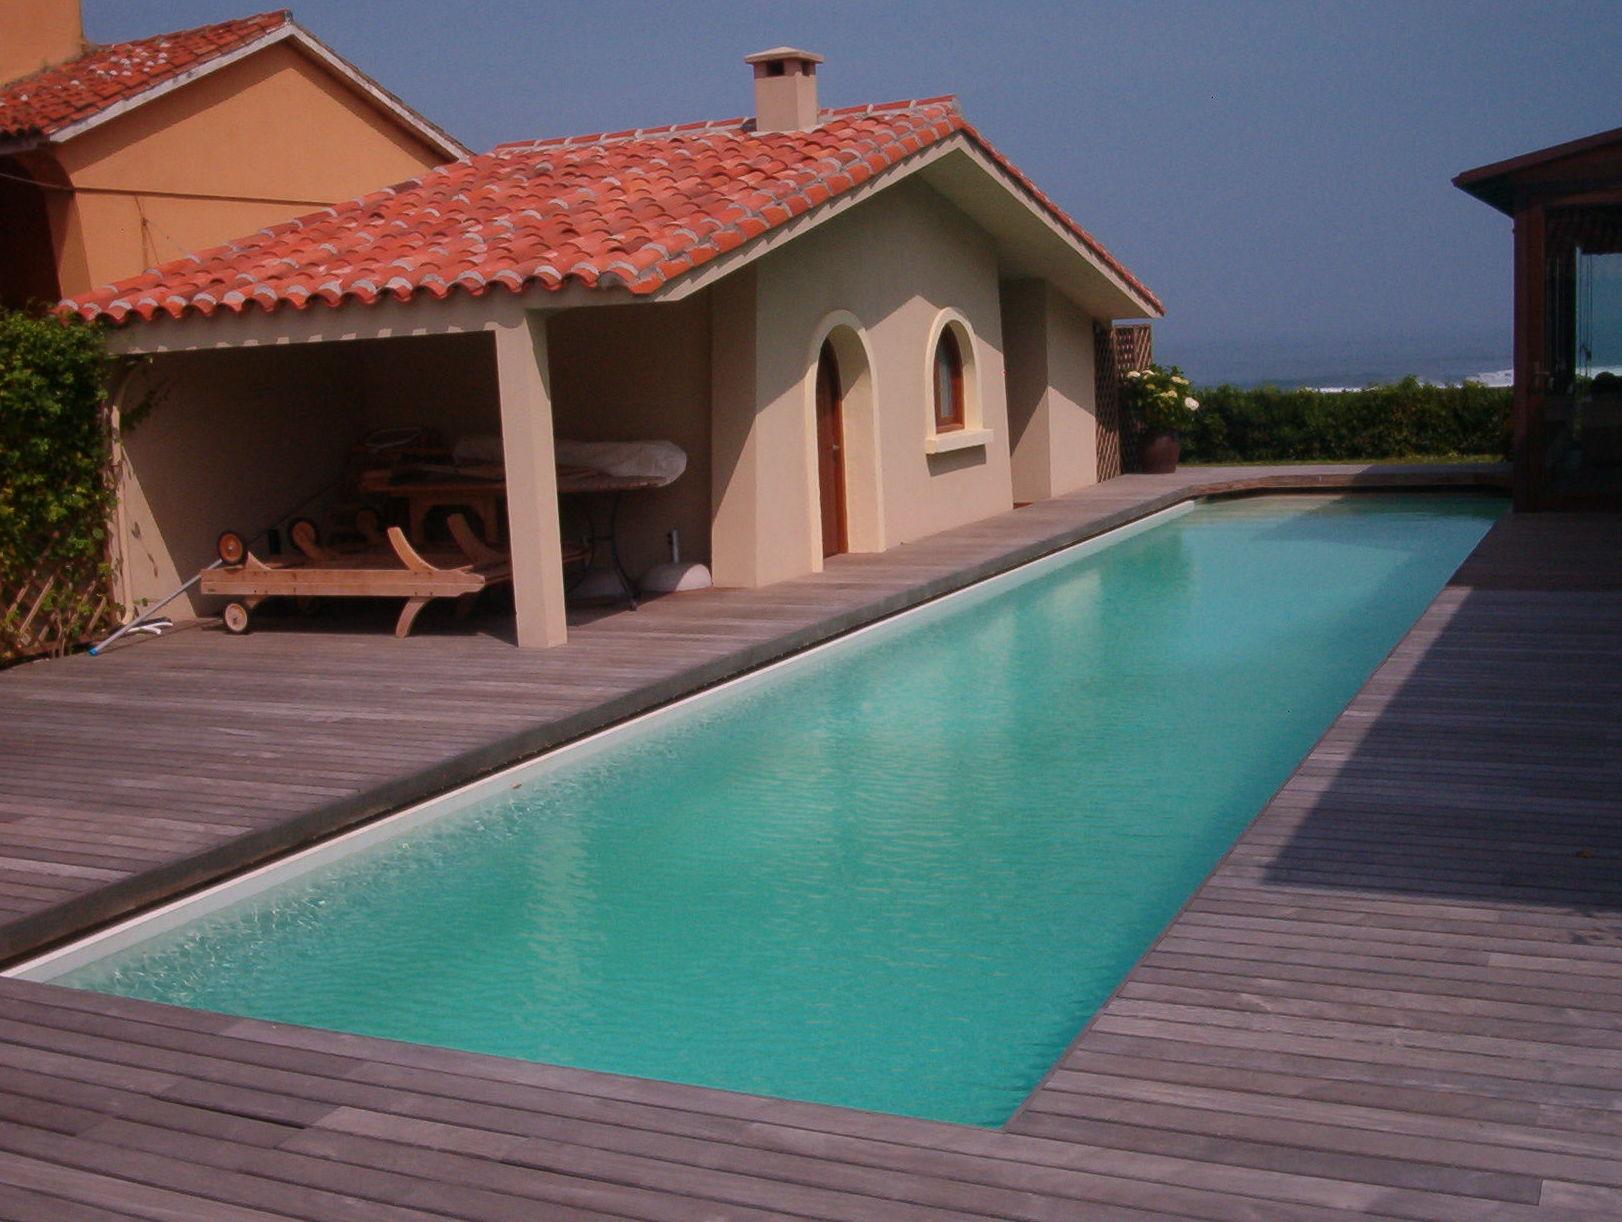 Foto 33 de instalaci n de piscinas en gij n aquainstall for Piscinas asturias